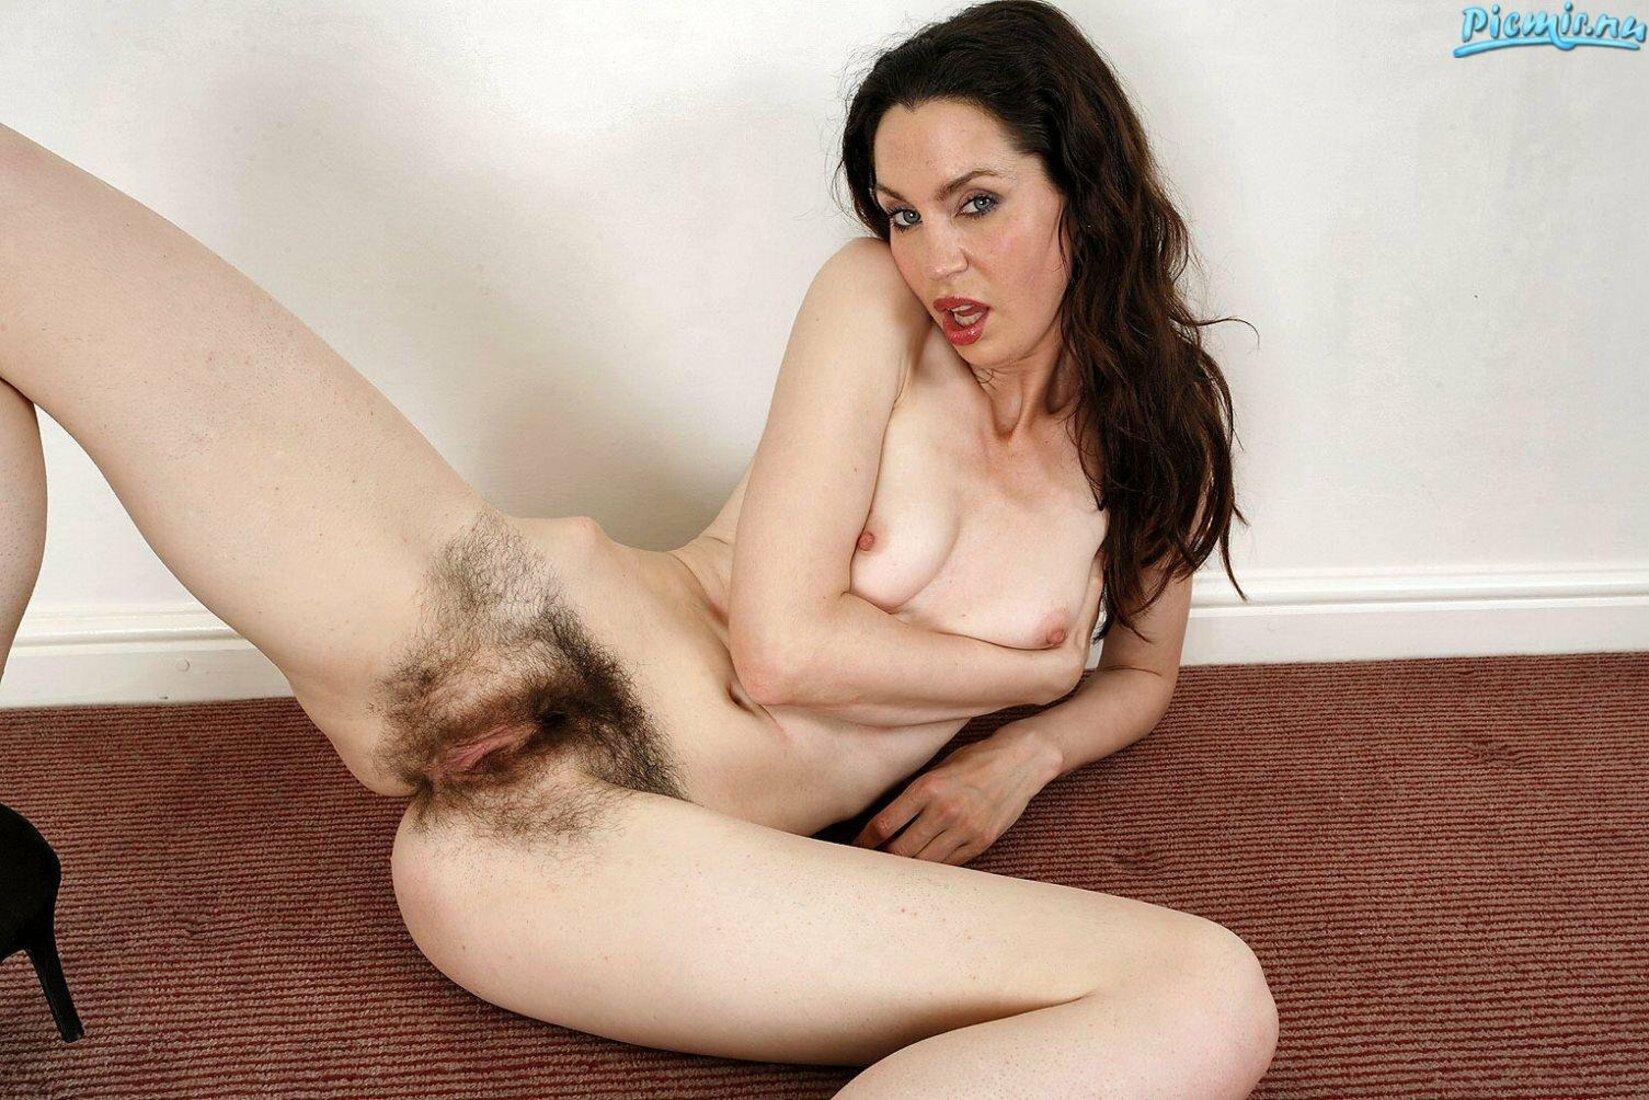 красивая волосатая пизда порно фото